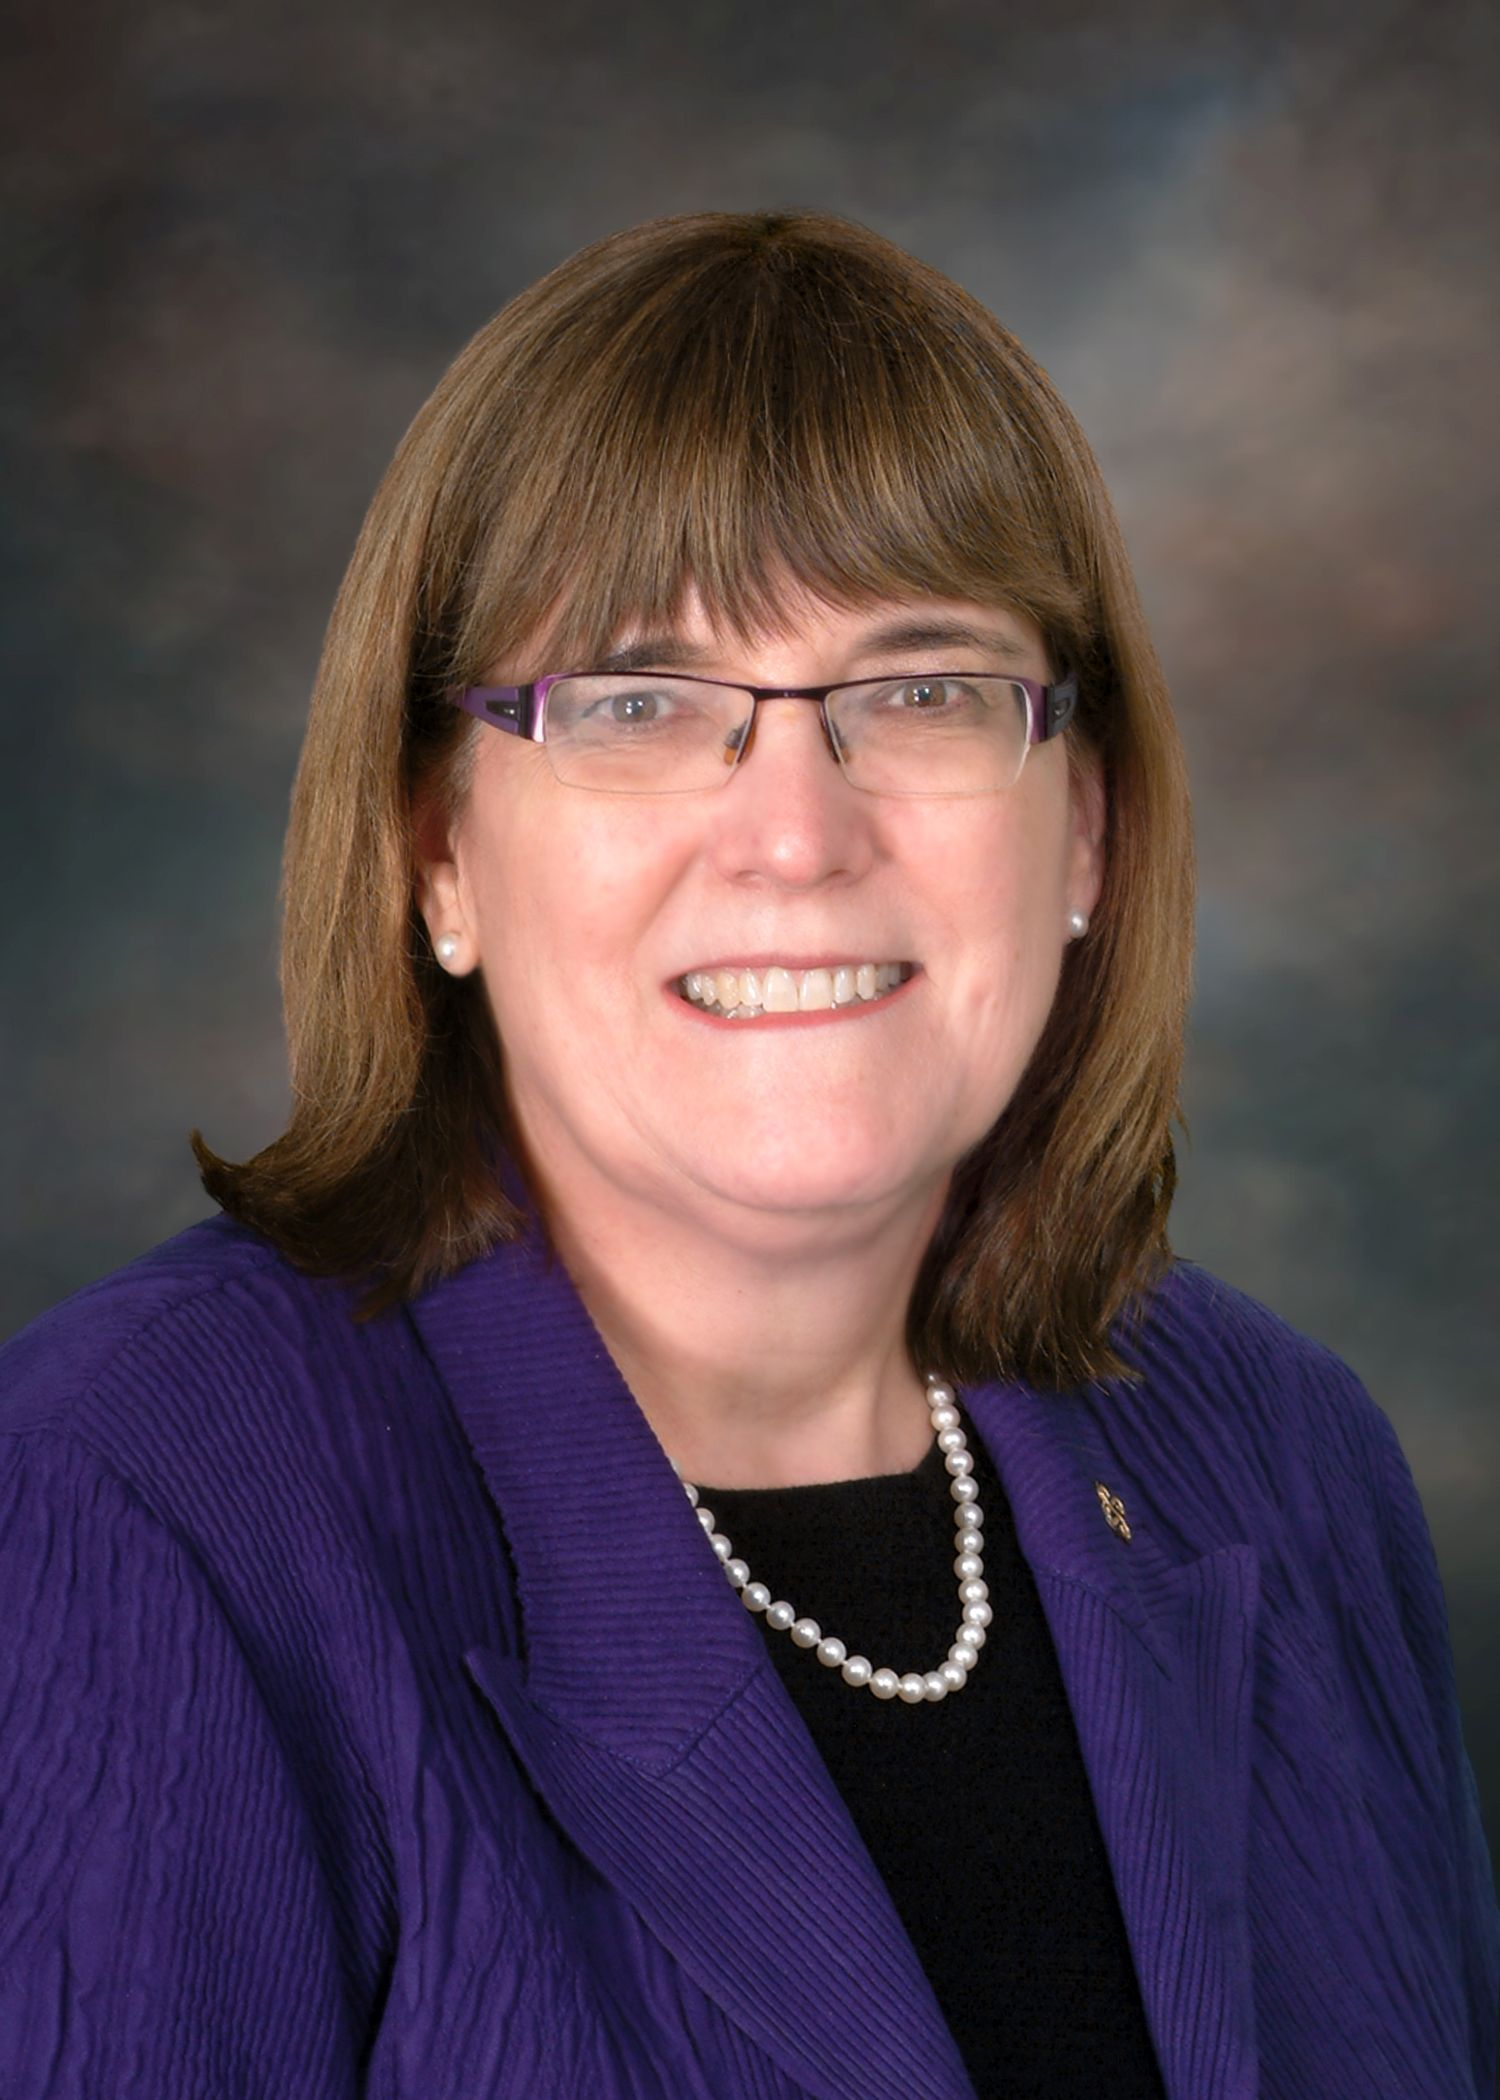 Visit Profile of Marilyn K. Moody